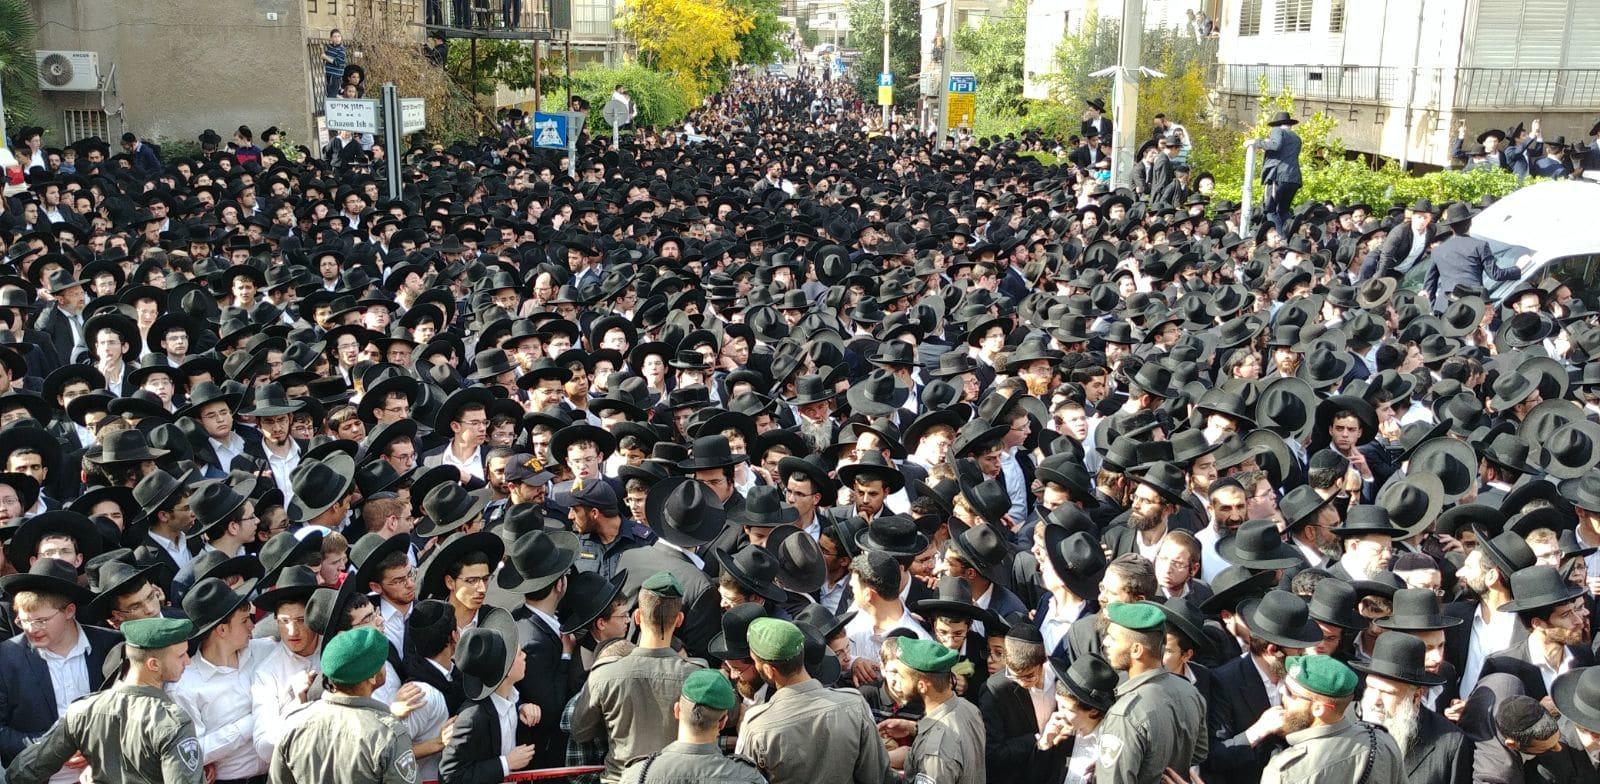 הלוויה המונית בבני ברק / צילום: שלומי גבאי , באדיבות וואלה חדשות